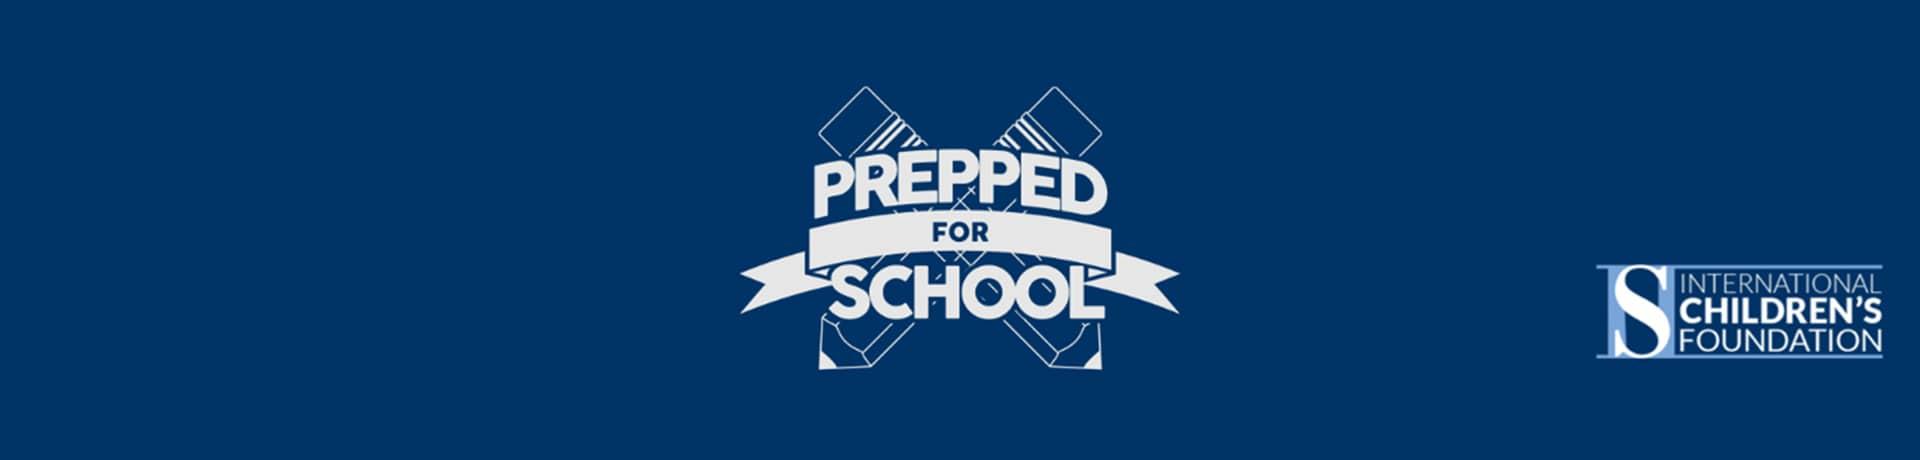 BG - Prepped For School